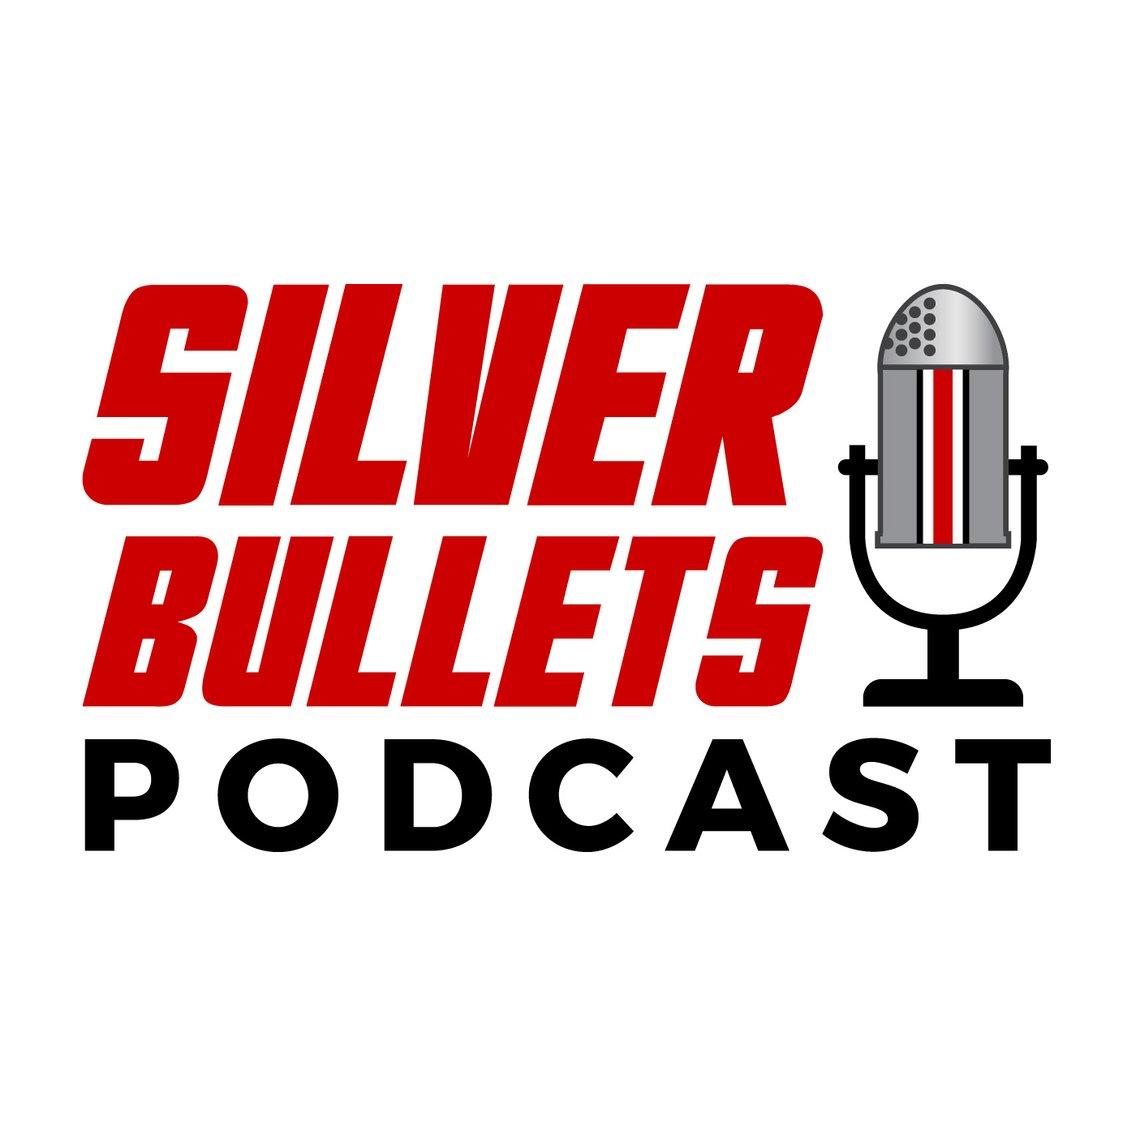 Silver Bullets Podcast - immagine di copertina